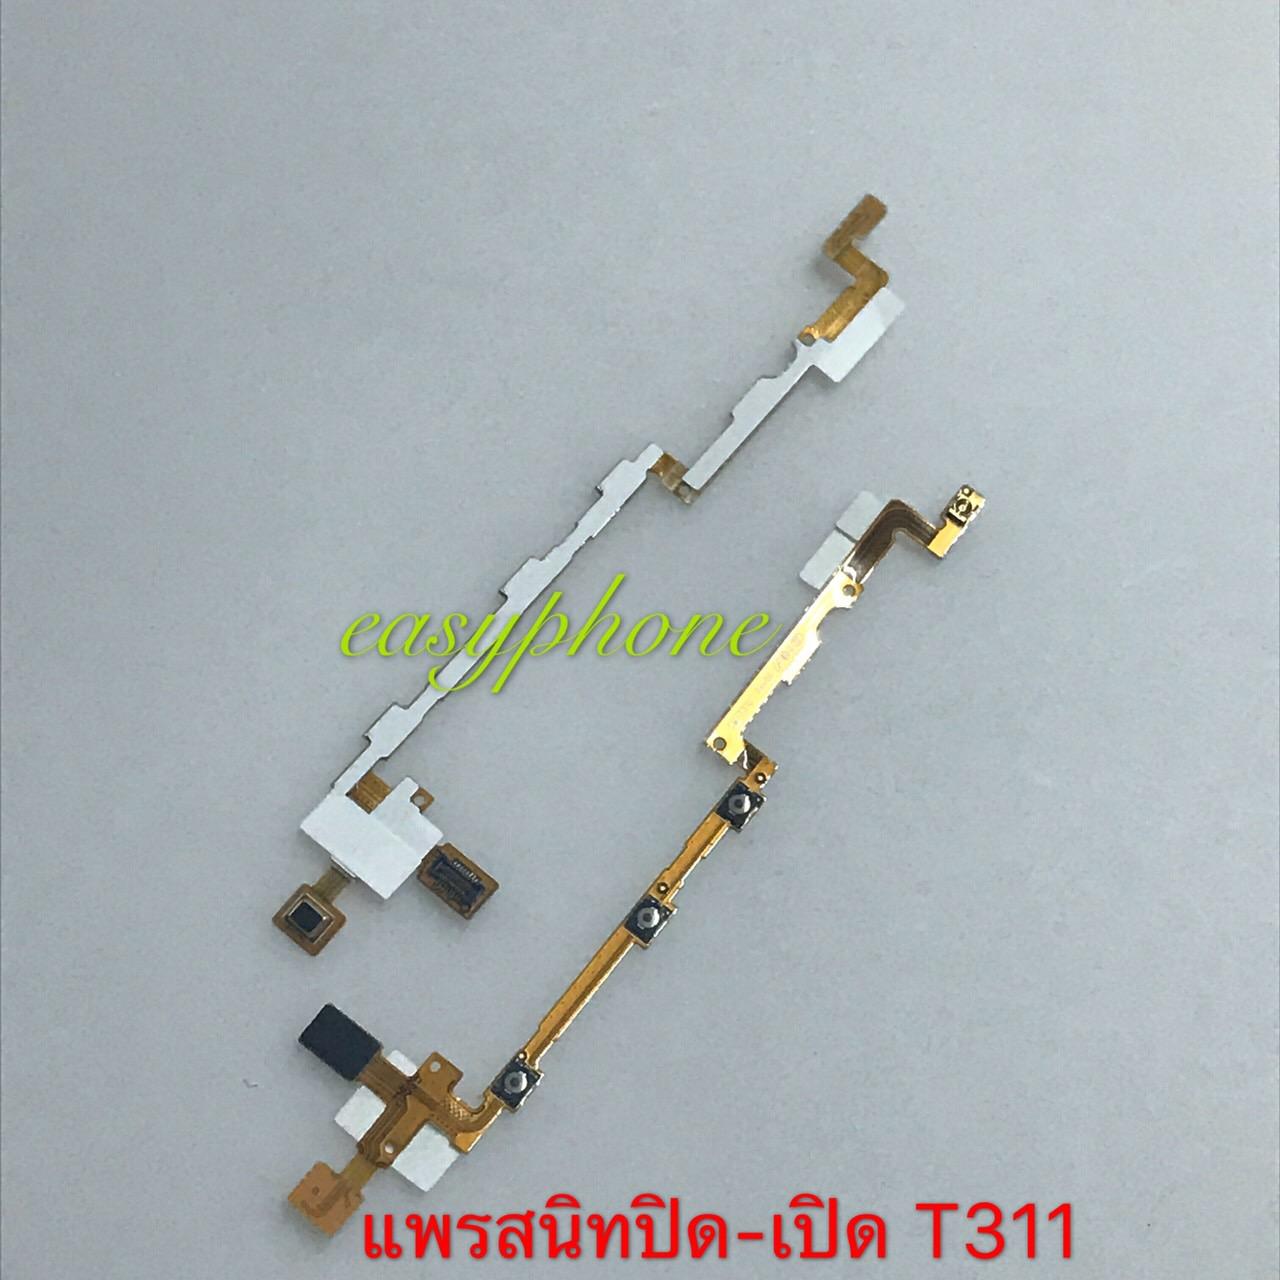 แพรสวิท ปิด-เปิด Galaxy T311